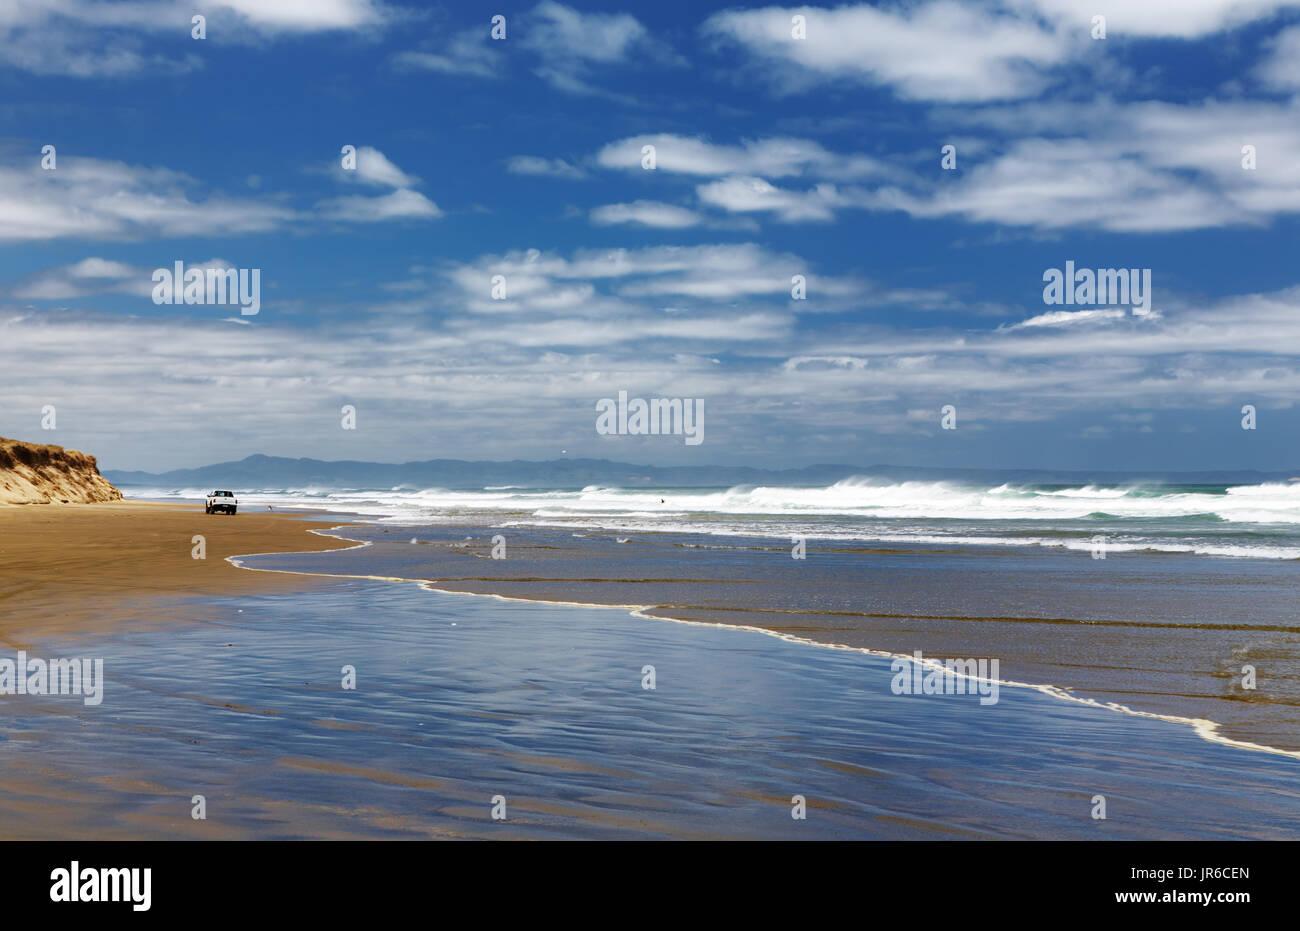 Car on the beach, Ninety Mile Beach, New Zealand Stock Photo